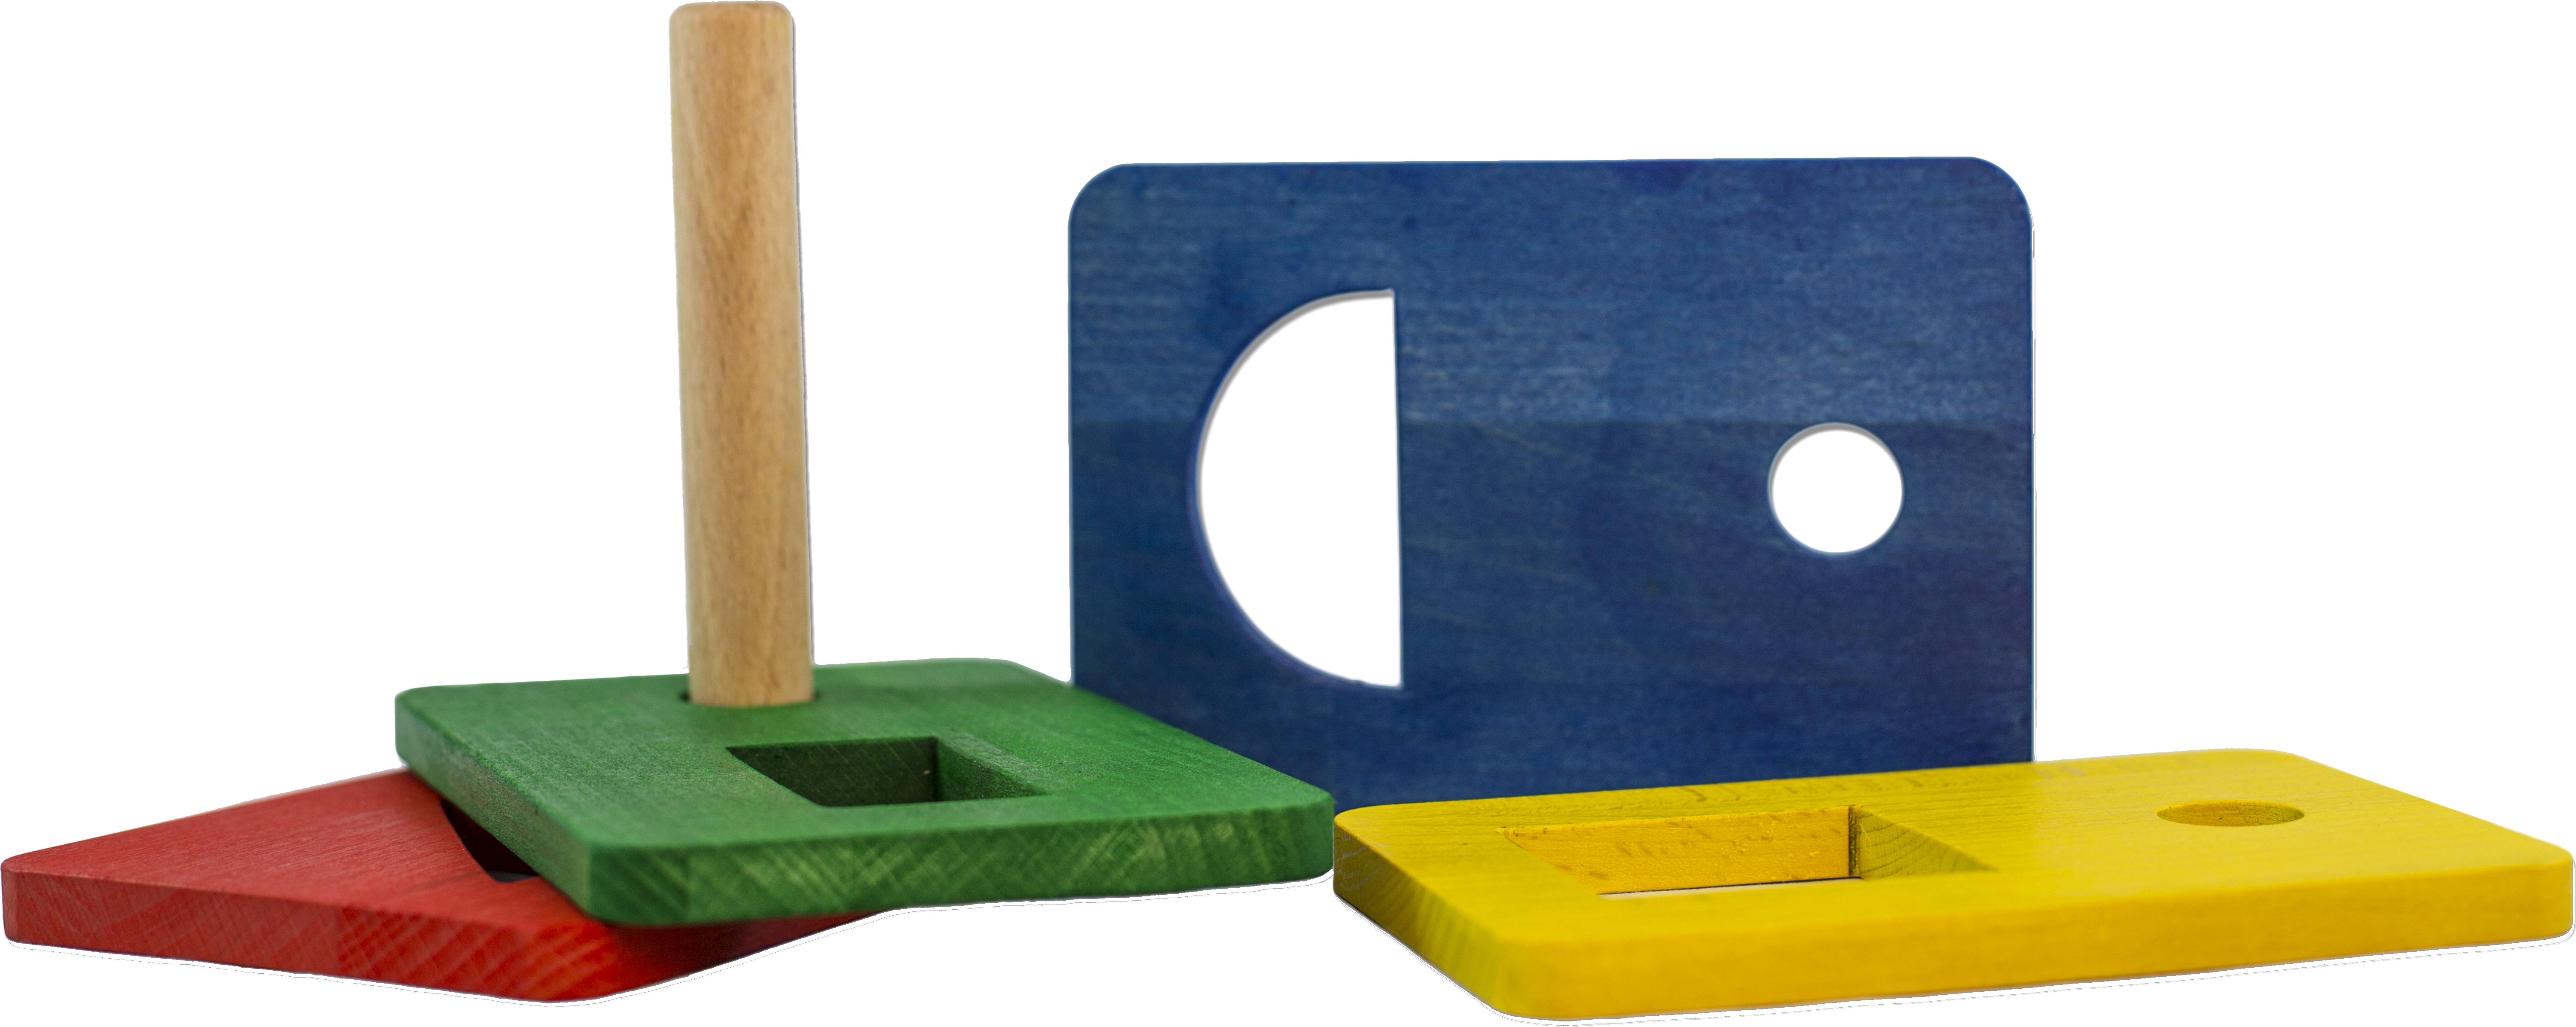 Fyra träbrickor med triangel, kvadrat, cirkel och rektangel utskurna samt en träpinne.